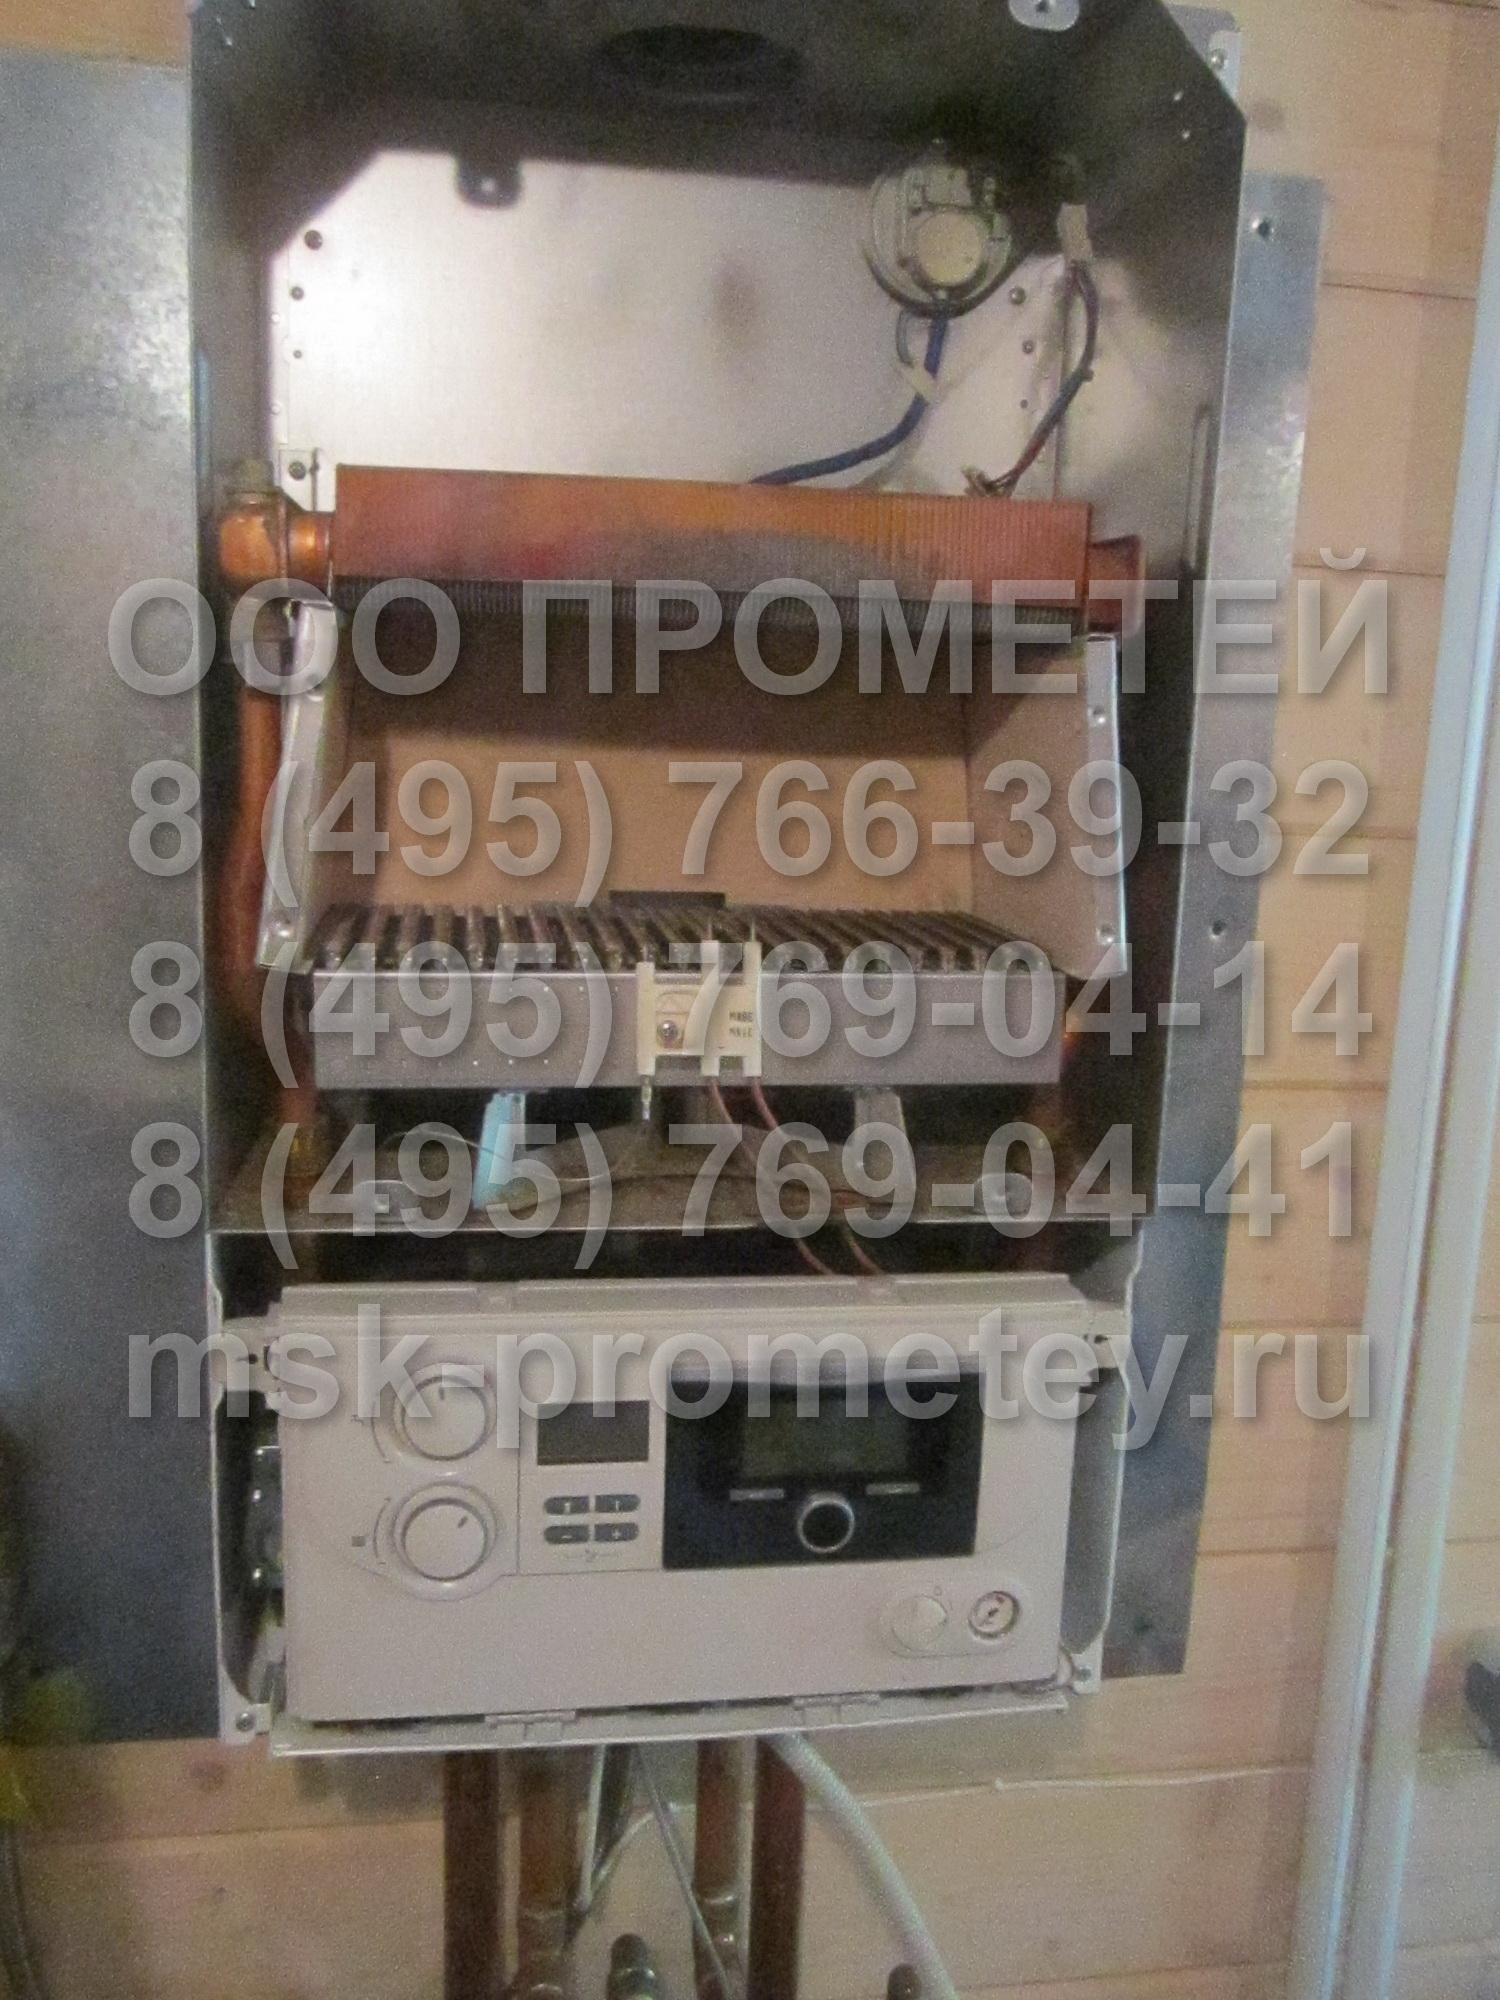 Теплообменник для аогв прометей Пароводяной подогреватель ПП 2-24-7-4 Великий Новгород